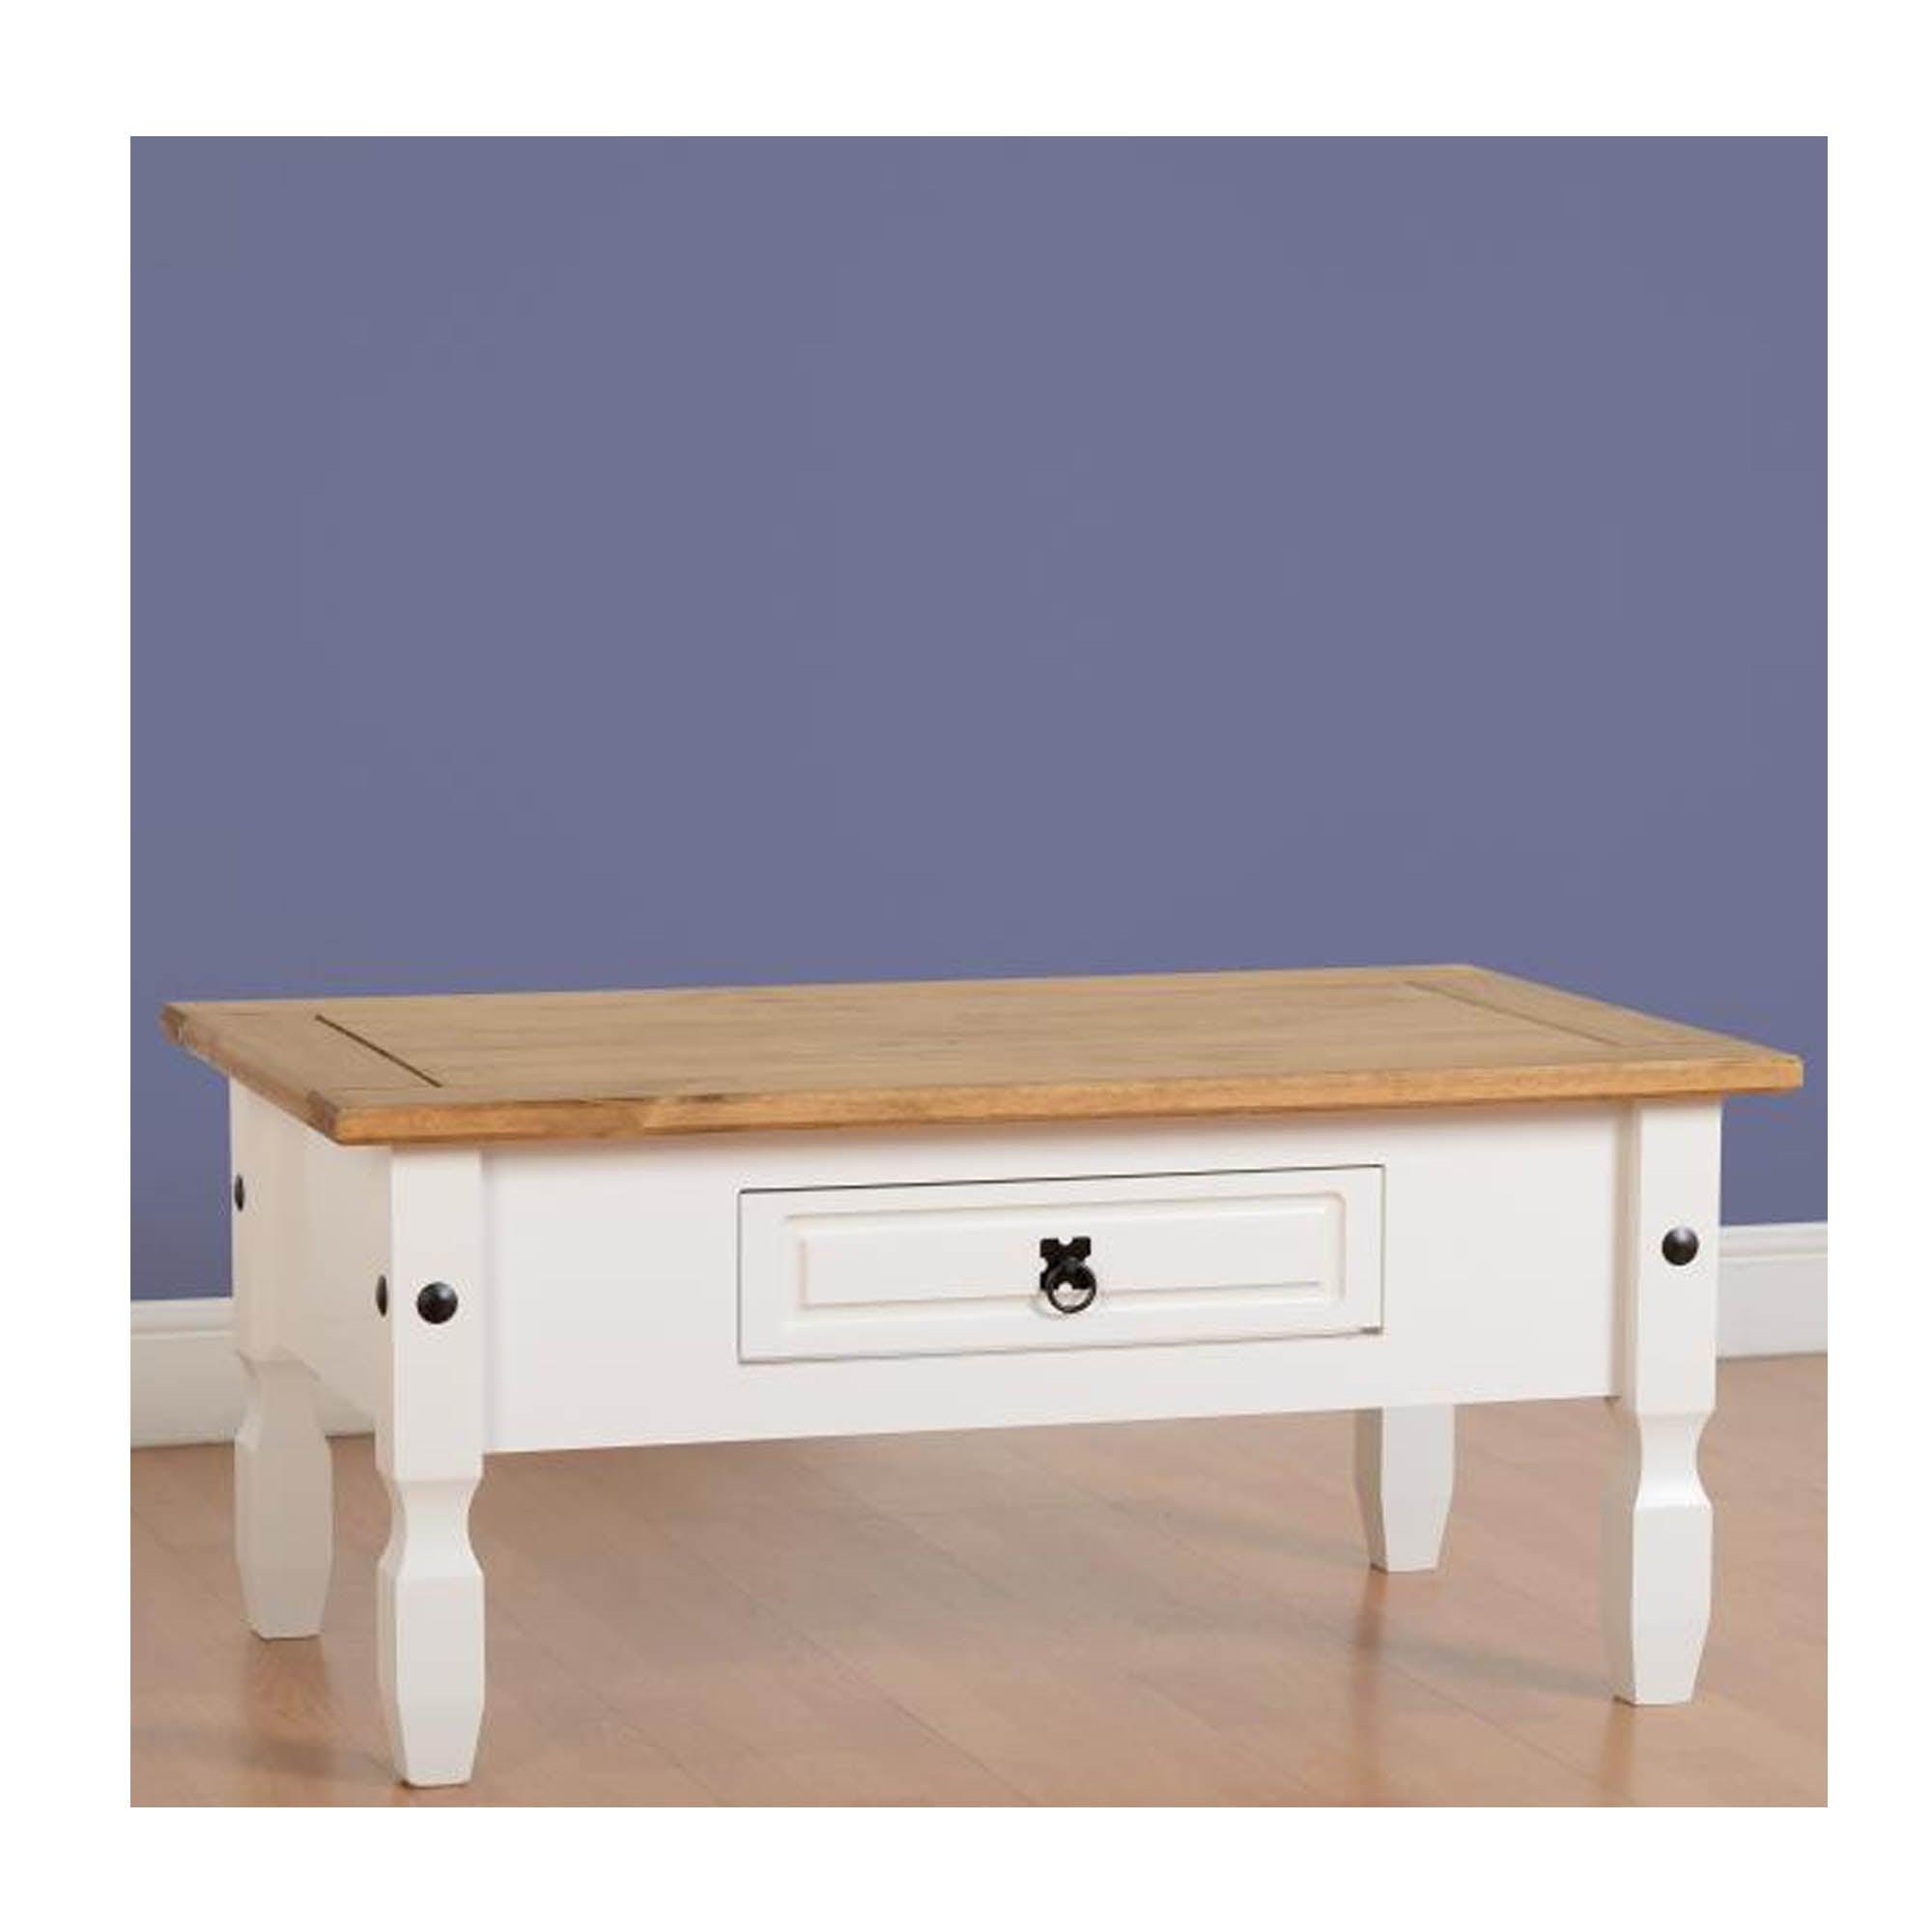 Buy Corona Coffee Table In White Waxed Pine Furniture Lisnaskea